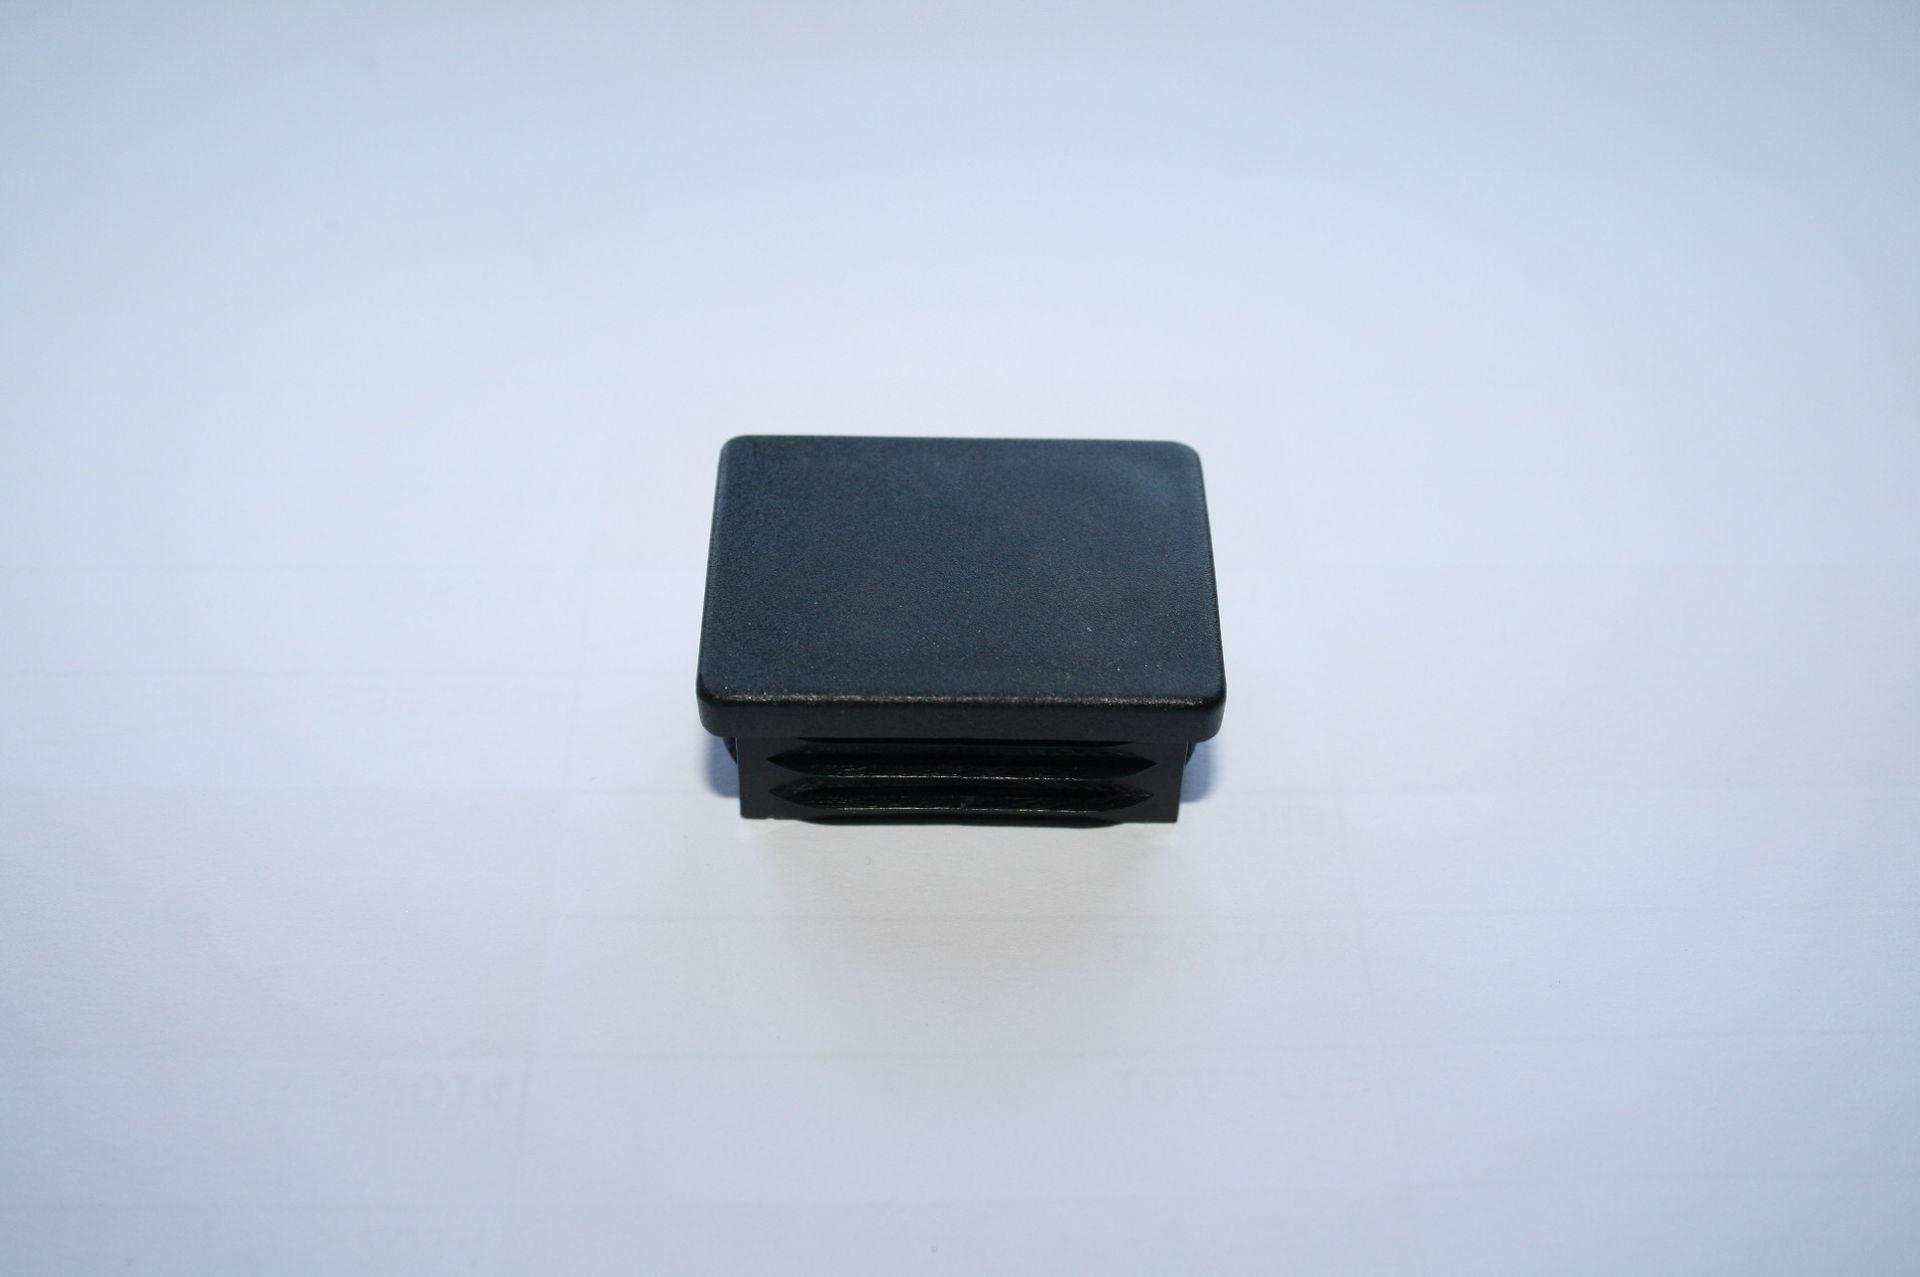 Záslepka černá 40x30 mm